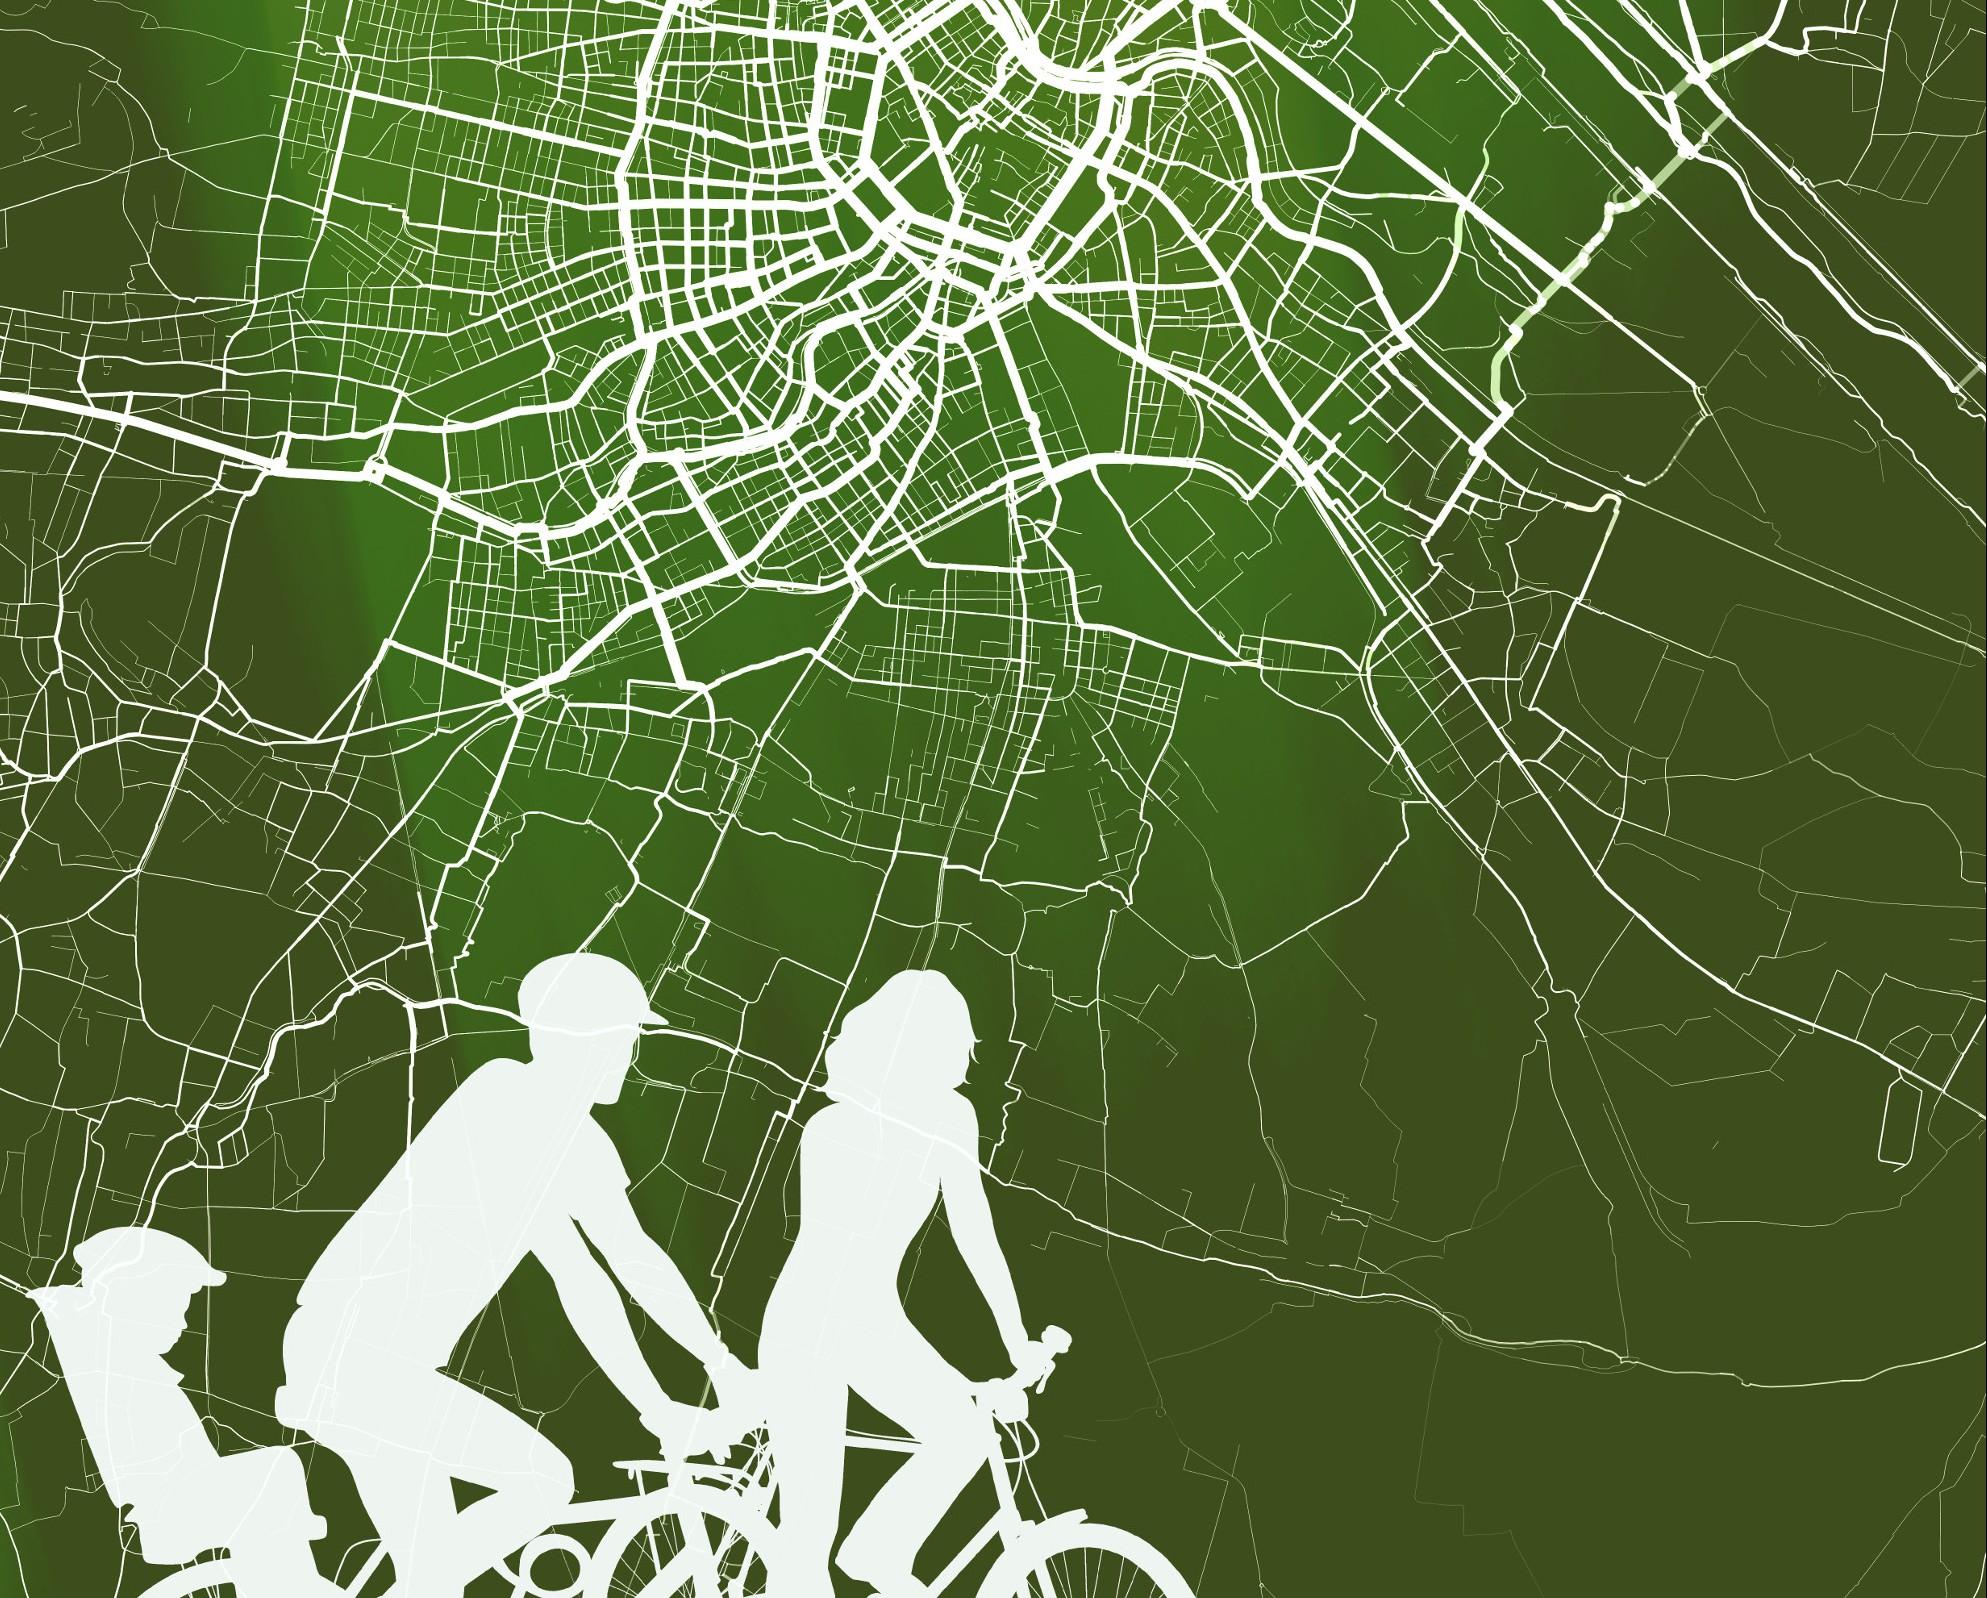 CycleTripMap am Wiener Forschungsfest